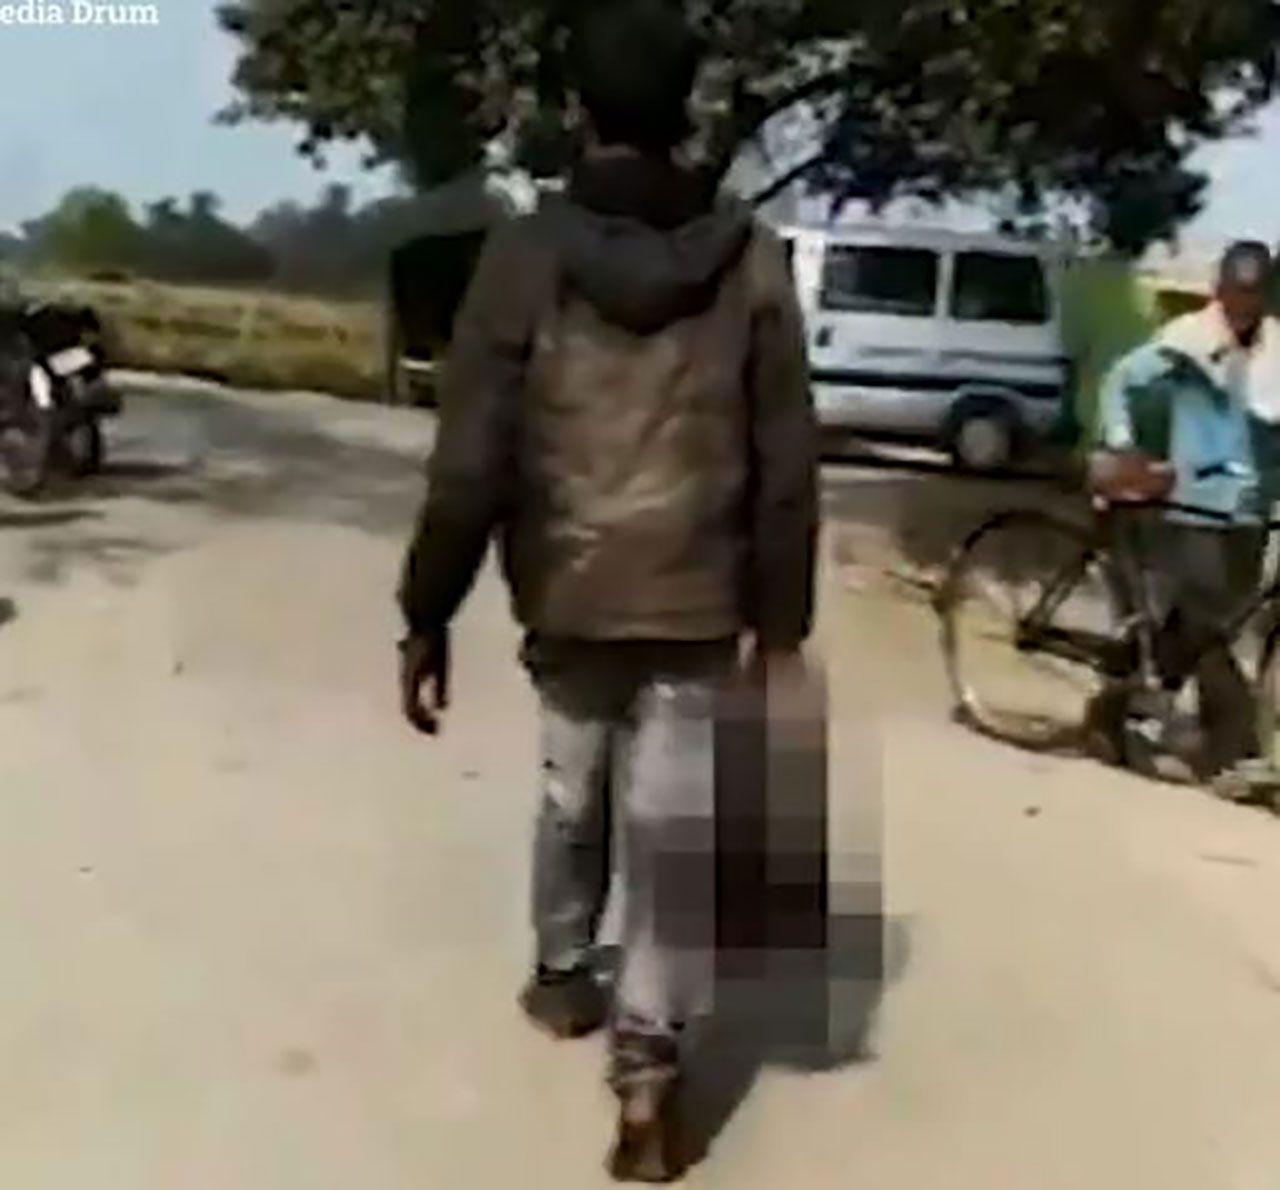 Hindistan'da karısını öldüren adam, karısının kafasını kesip yanına aldıktan sonra karakola kadar yürüdü - Sayfa:1